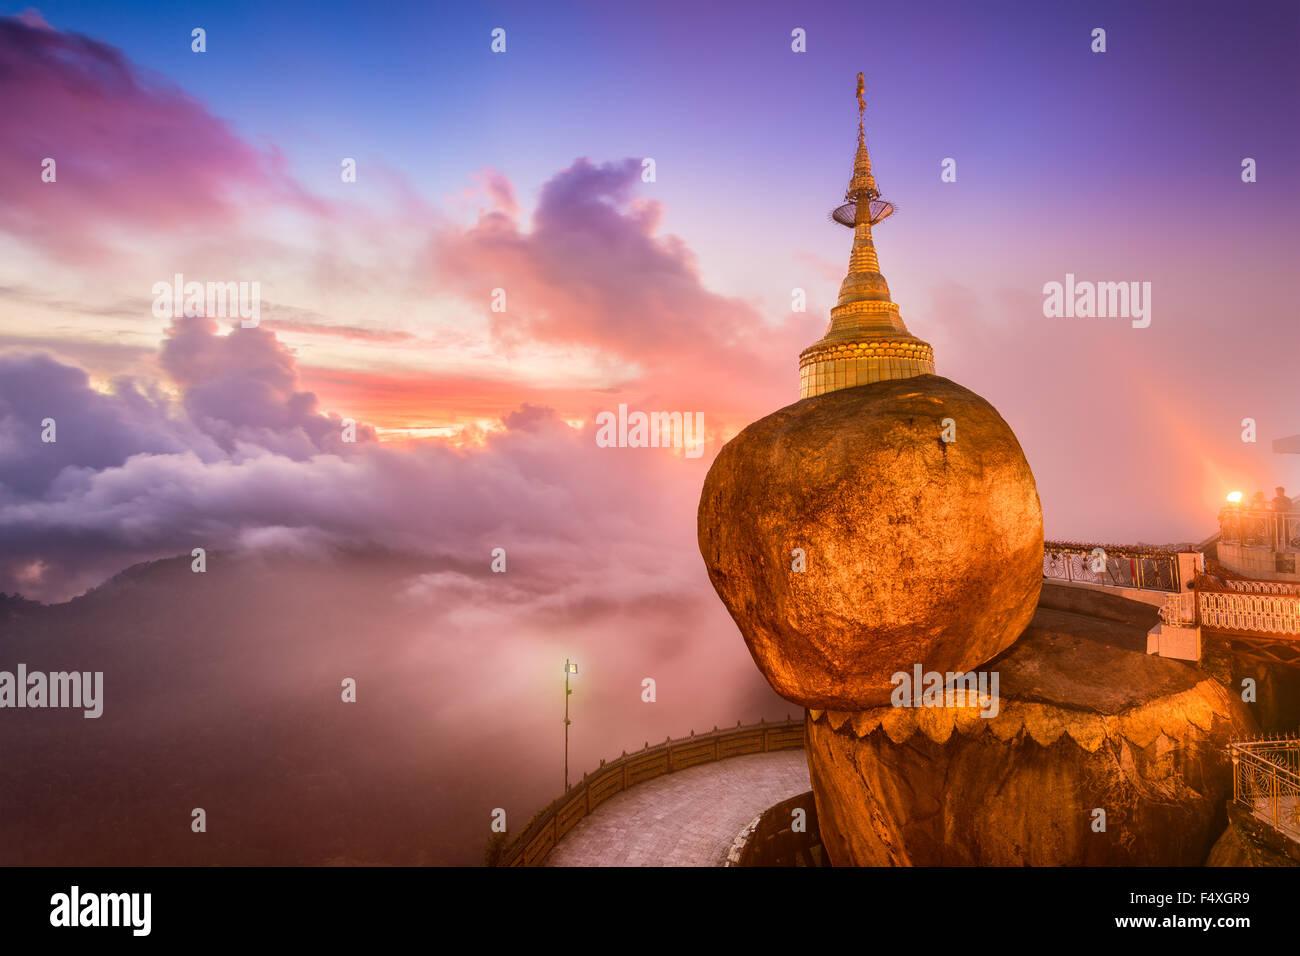 Roche d'or de Kyaiktiyo, Myanmar. Photo Stock